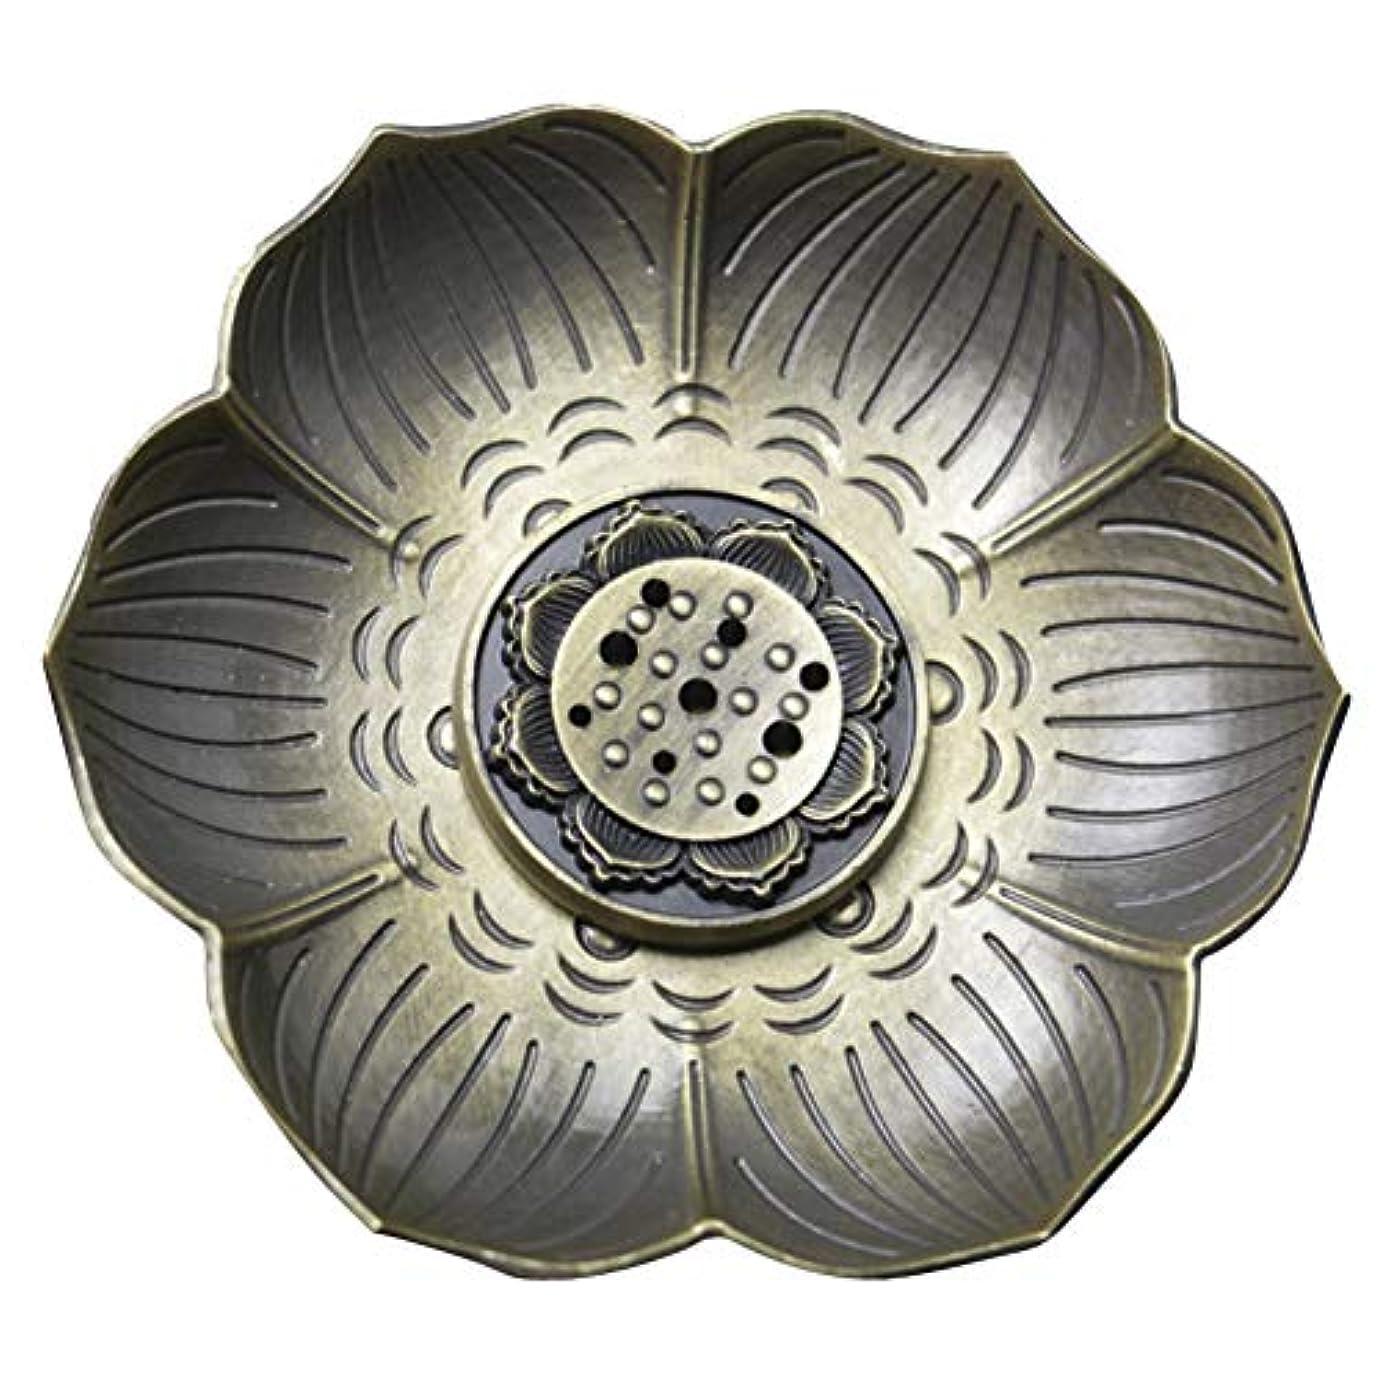 冷淡な放散するムスタチオ(イスイ)YISHUI 線香立 線香皿 香皿 香立て お香用具 お線香用可 アロマ香炉 梅の花 さくらHP0134 (梅の花B)